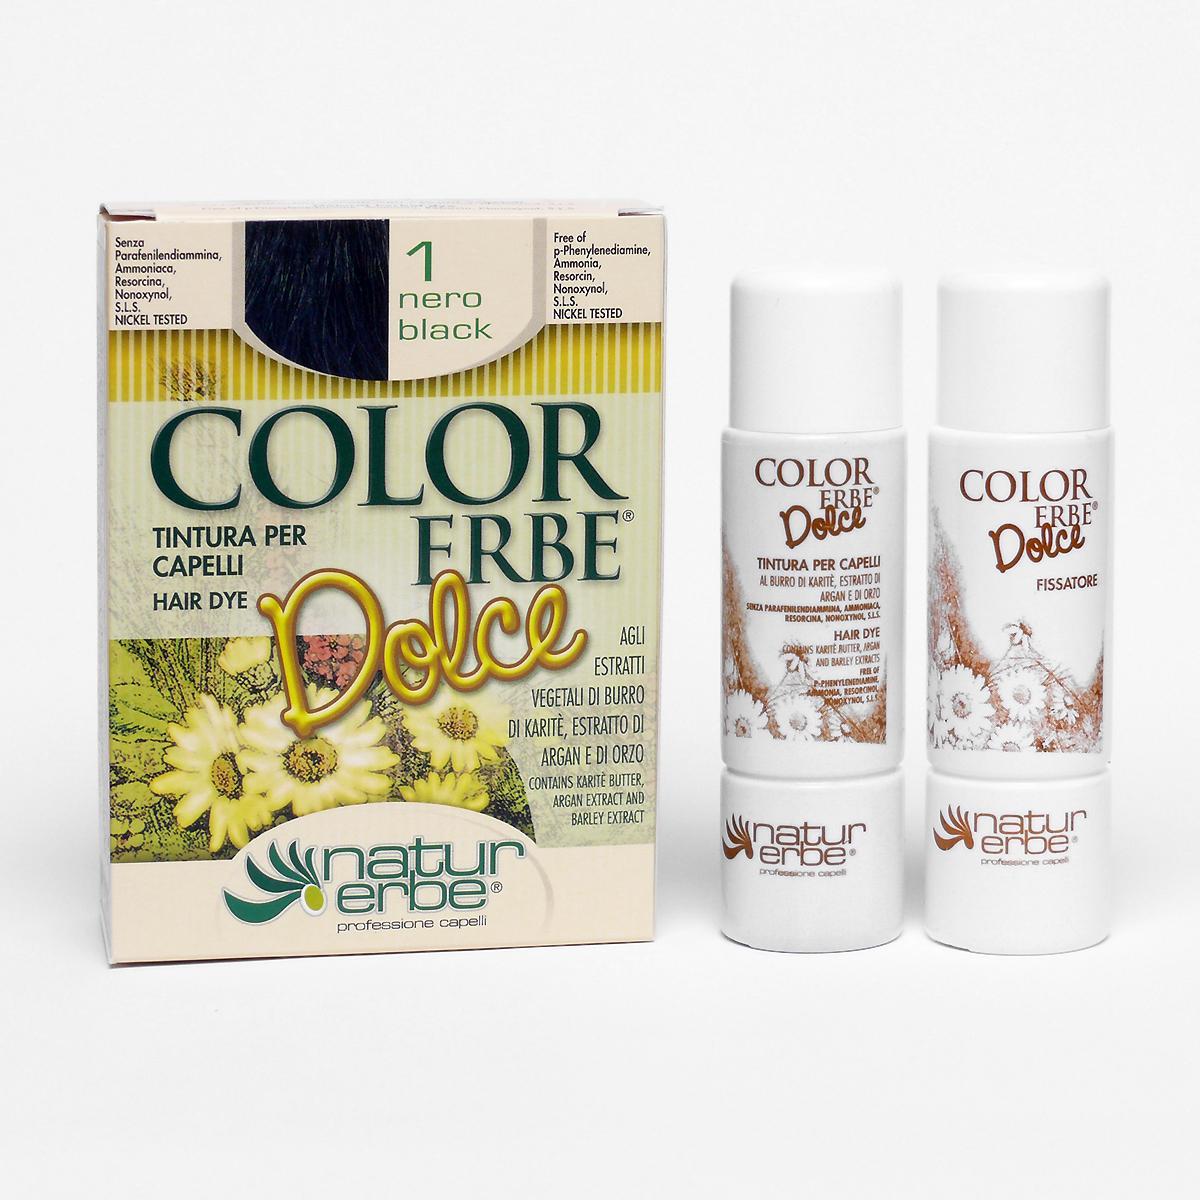 Color Erbe Barva na vlasy Černá 01, Dolce 135 ml